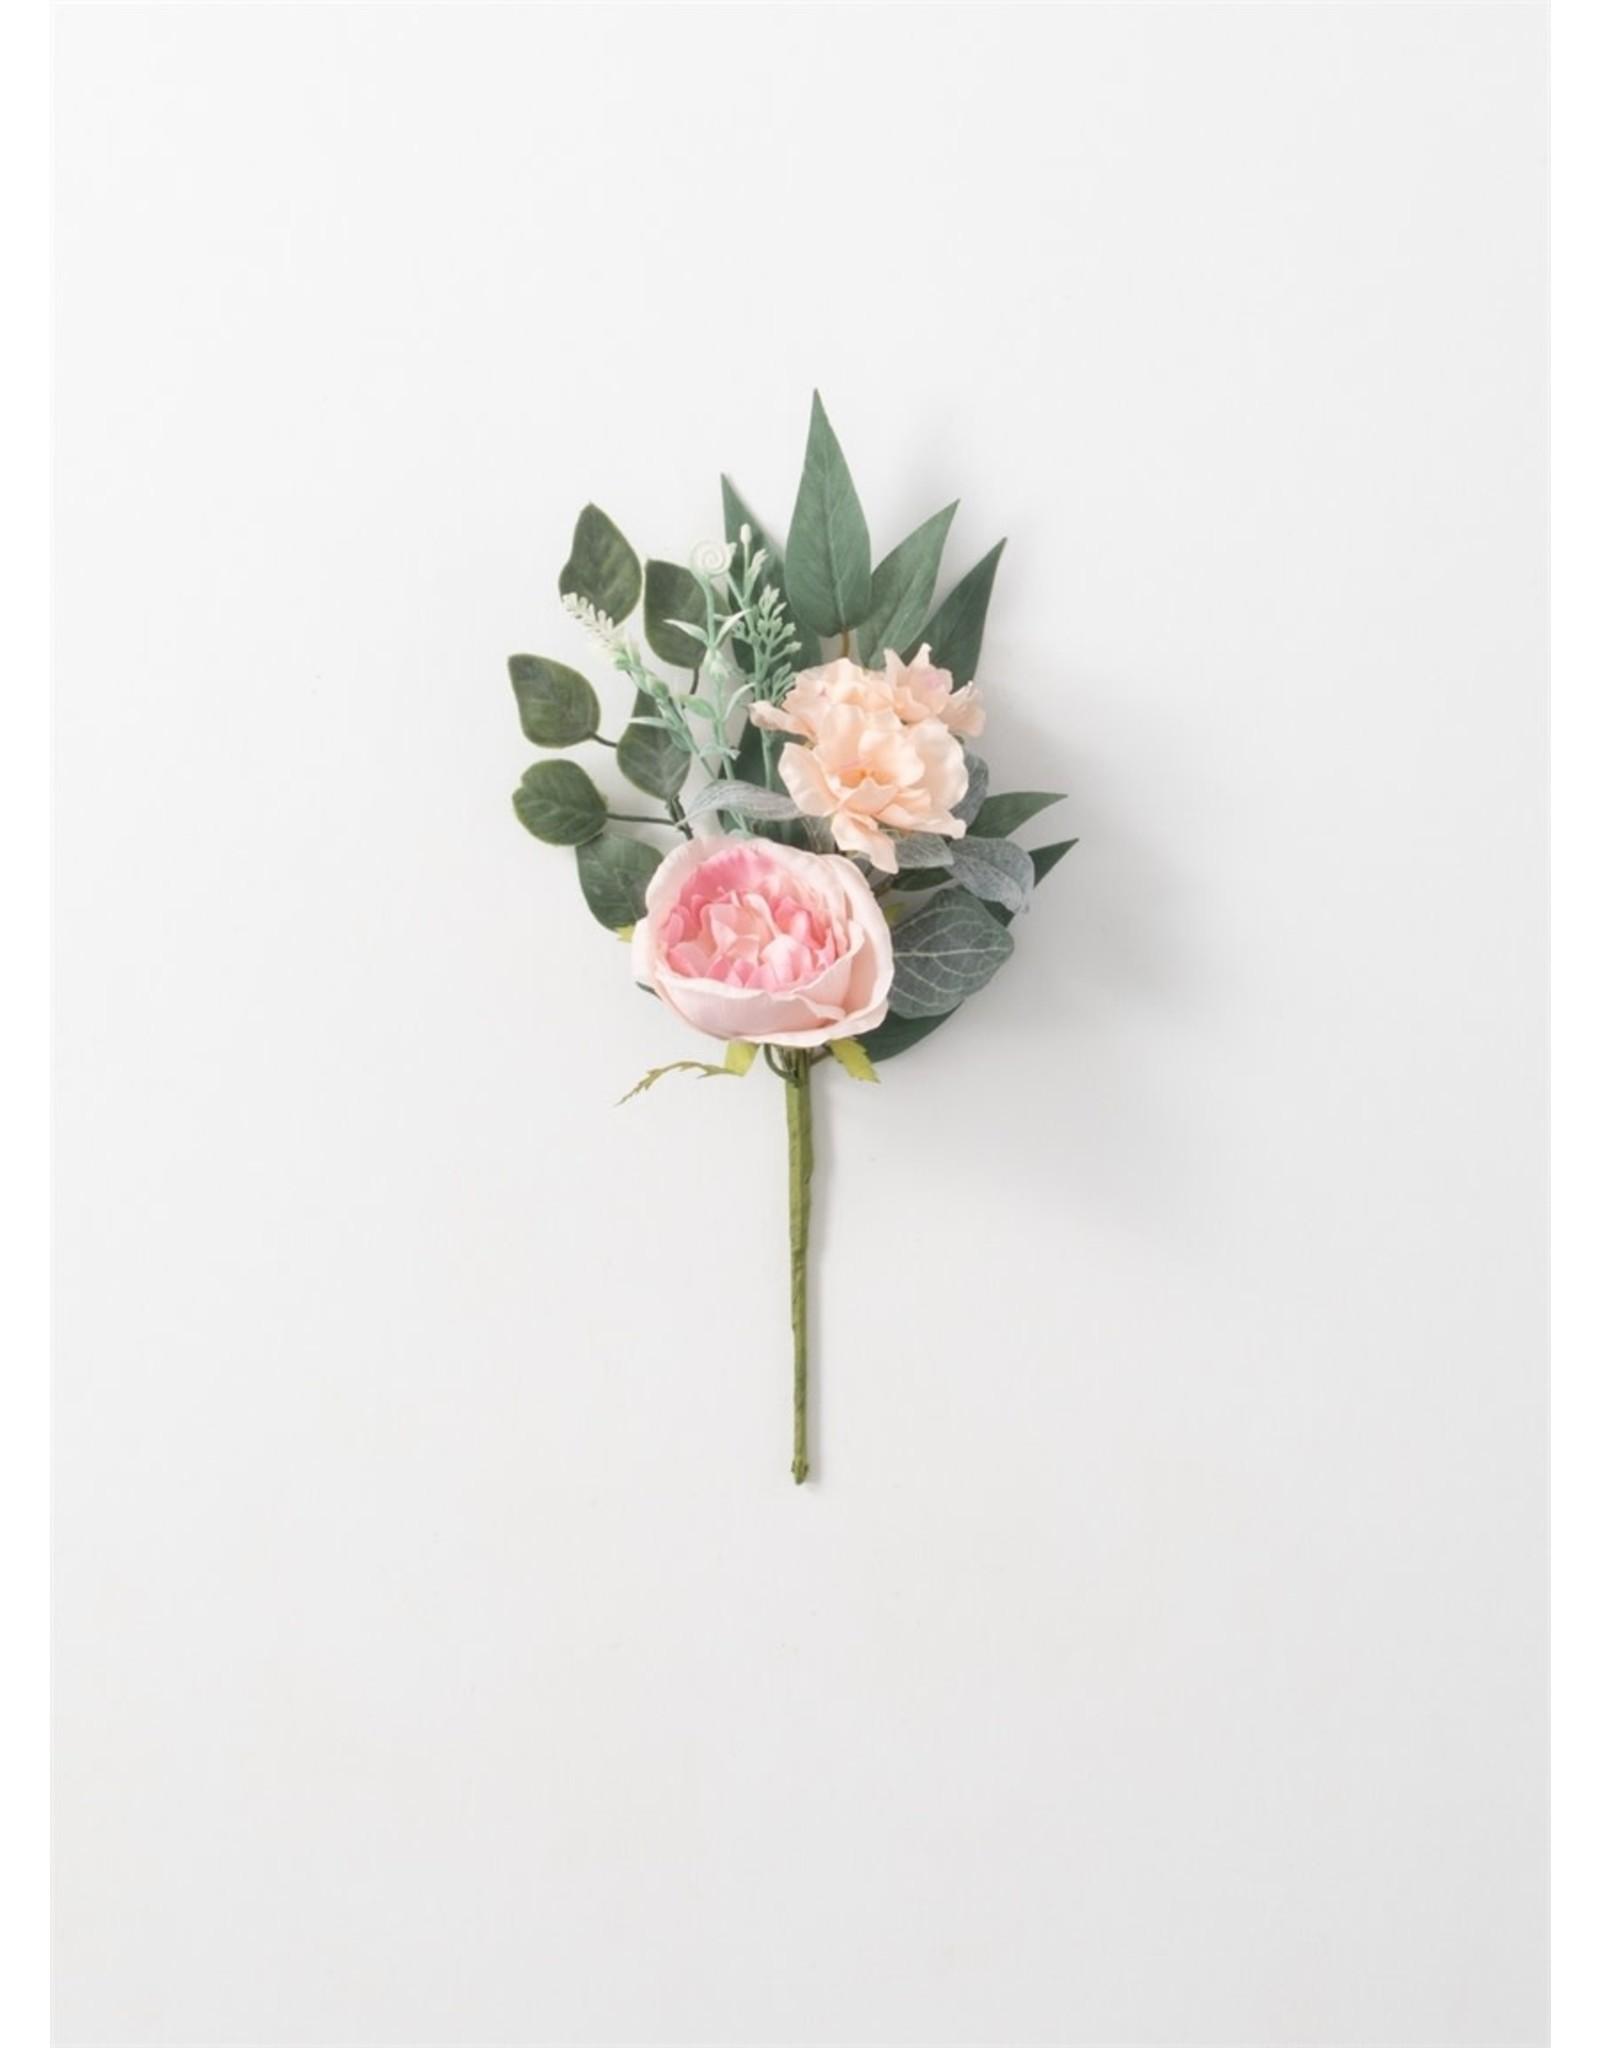 Sullivans RANUNCULUS ROSE PICK